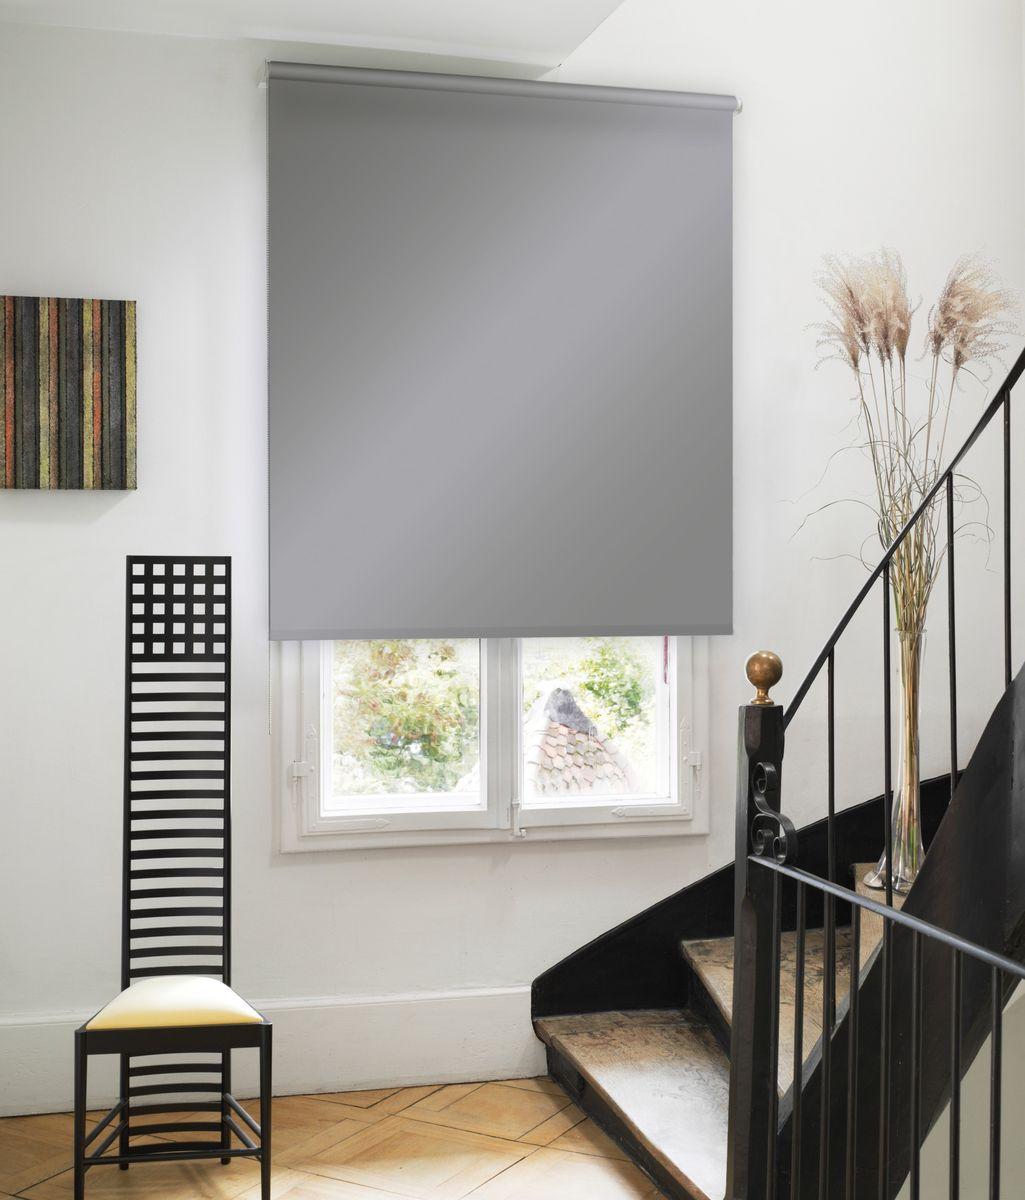 Штора рулонная Эскар Миниролло, цвет: серый, ширина 73 см, высота 170 см31020073170Рулонными шторами можно оформлять окна как самостоятельно, так и использовать в комбинации с портьерами. Это поможет предотвратить выгорание дорогой ткани на солнце и соединит функционал рулонных с красотой навесных. Преимущества применения рулонных штор для пластиковых окон: - имеют прекрасный внешний вид: многообразие и фактурность материала изделия отлично смотрятся в любом интерьере;- многофункциональны: есть возможность подобрать шторы способные эффективно защитить комнату от солнца, при этом она не будет слишком темной. - Есть возможность осуществить быстрый монтаж.ВНИМАНИЕ! Размеры ширины изделия указаны по ширине ткани! Во время эксплуатации не рекомендуется полностью разматывать рулон, чтобы не оторвать ткань от намоточного вала. В случае загрязнения поверхности ткани, чистку шторы проводят одним из способов, в зависимости от типа загрязнения:легкое поверхностное загрязнение можно удалить при помощи канцелярского ластика;чистка от пыли производится сухим методом при помощи пылесоса с мягкой щеткой-насадкой;для удаления пятна используйте мягкую губку с пенообразующим неагрессивным моющим средством или пятновыводитель на натуральной основе (нельзя применять растворители).